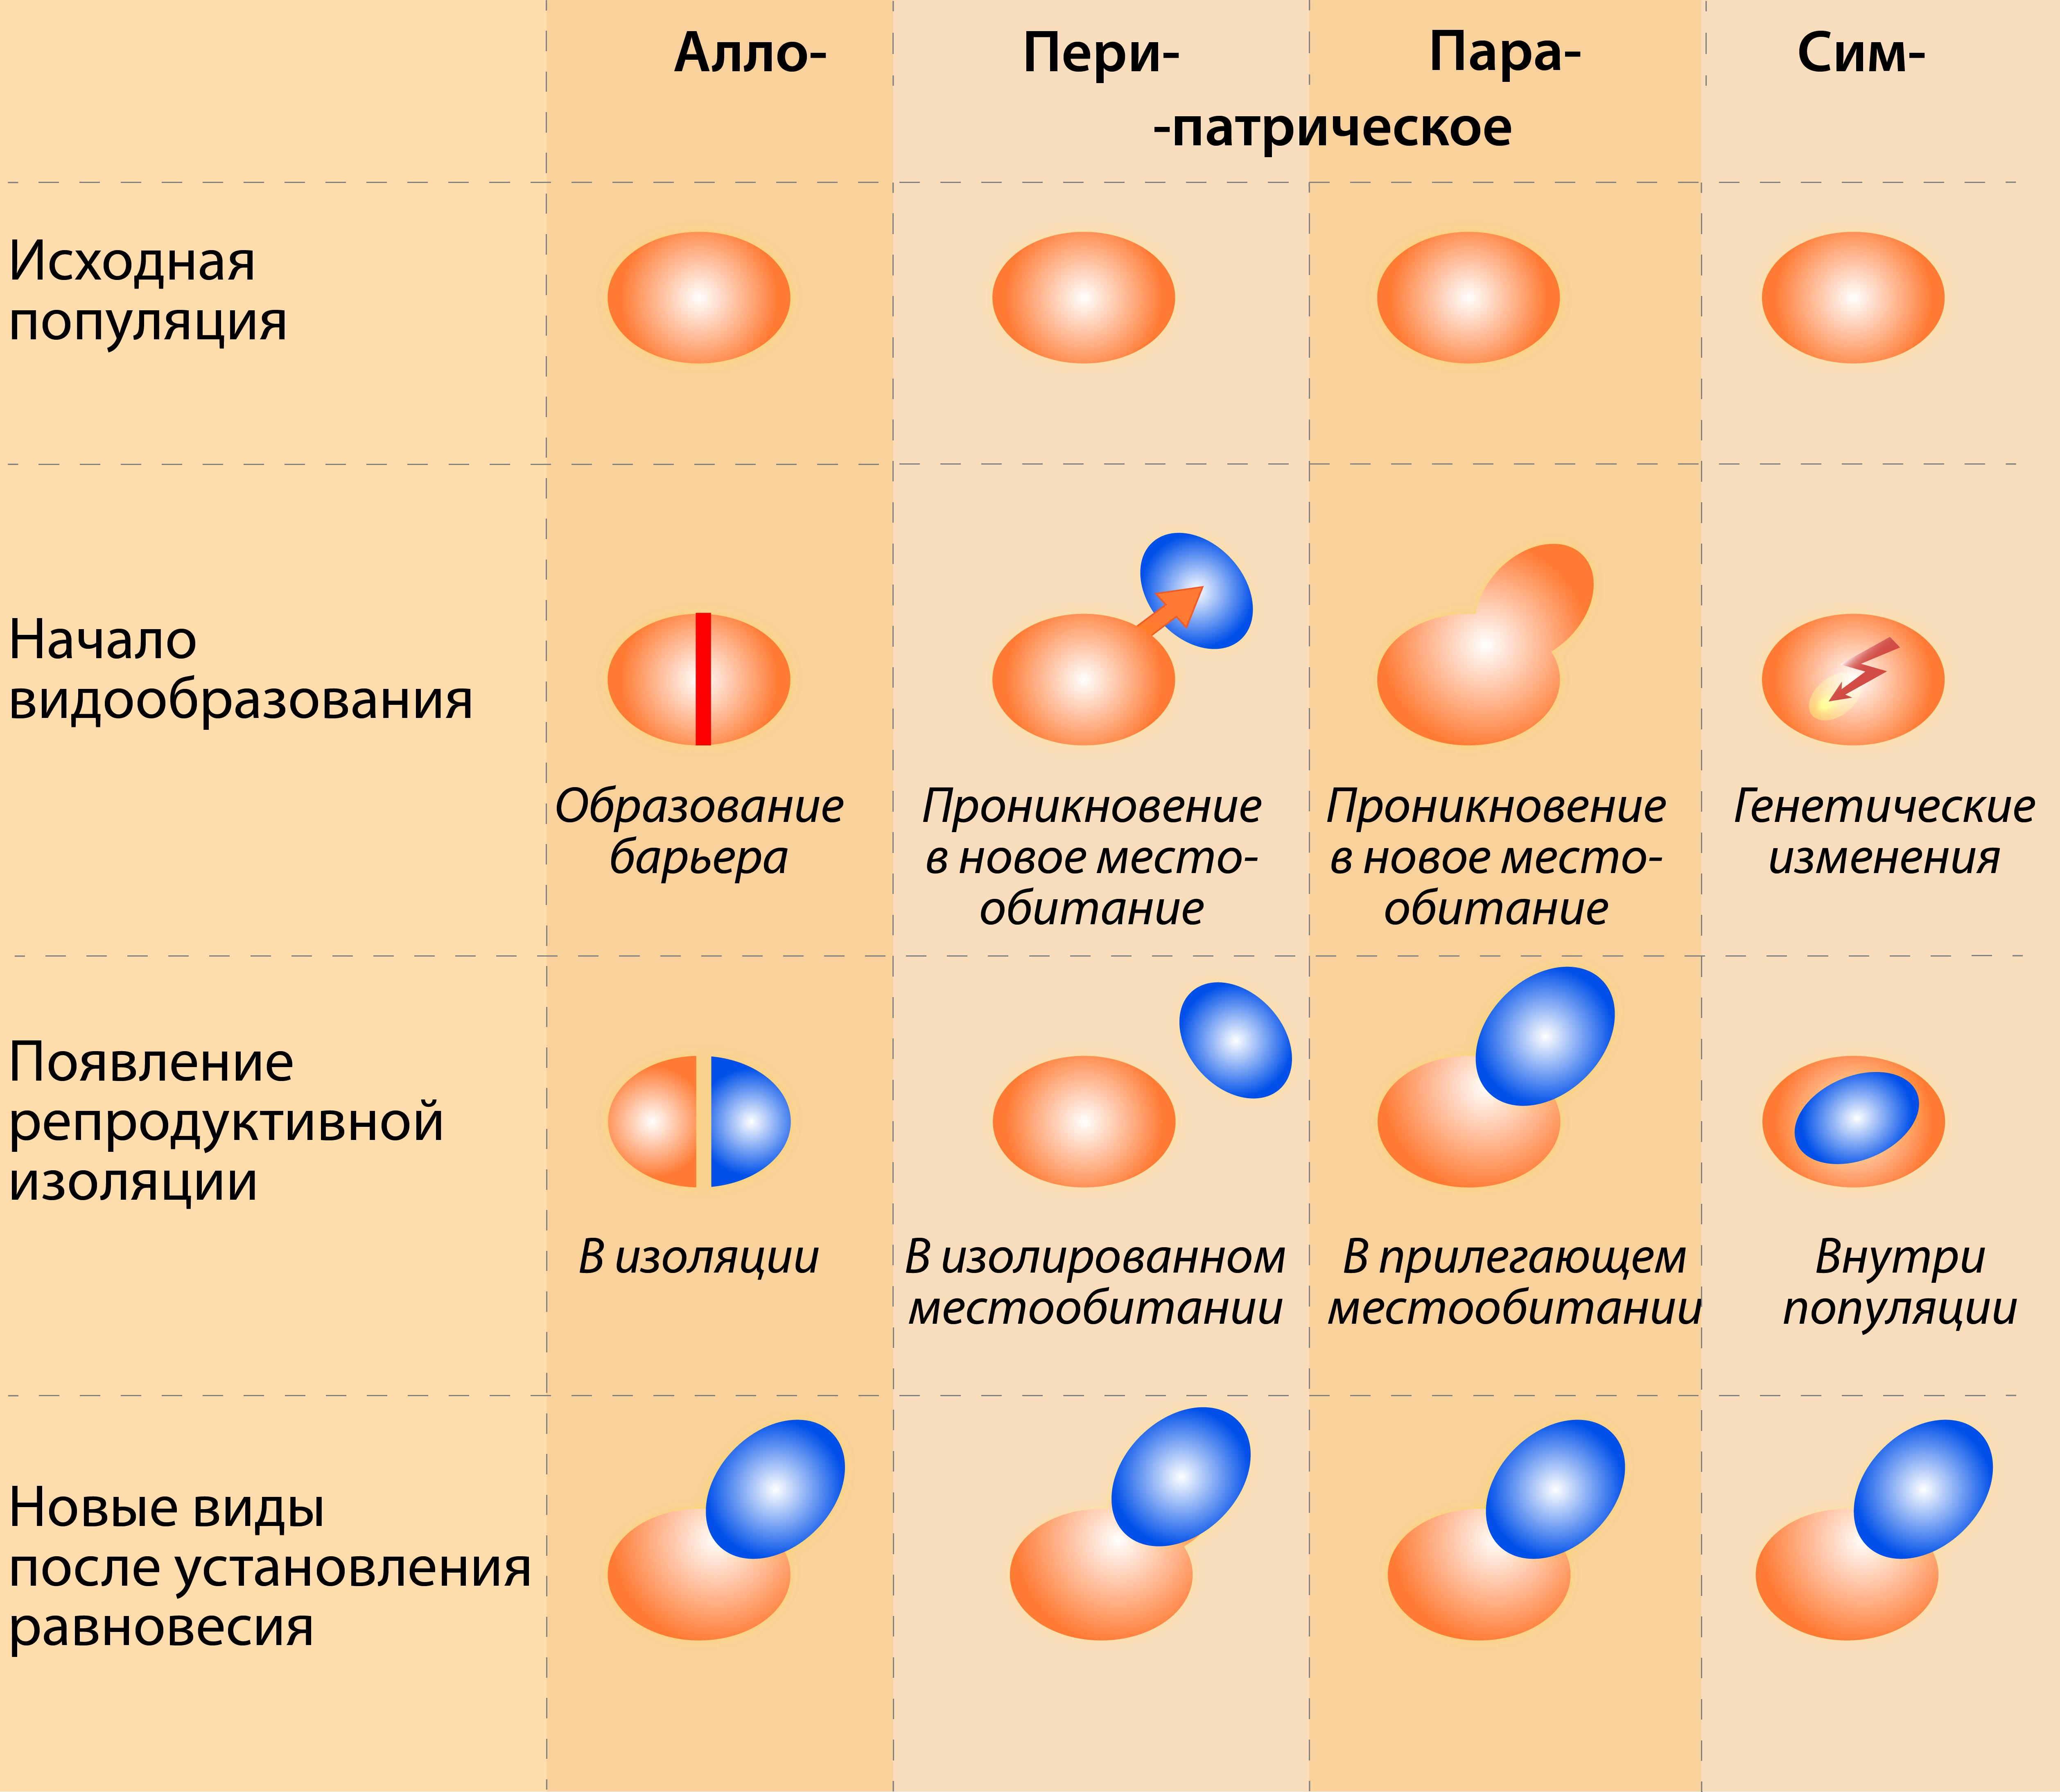 Существует четыре способа видообразования